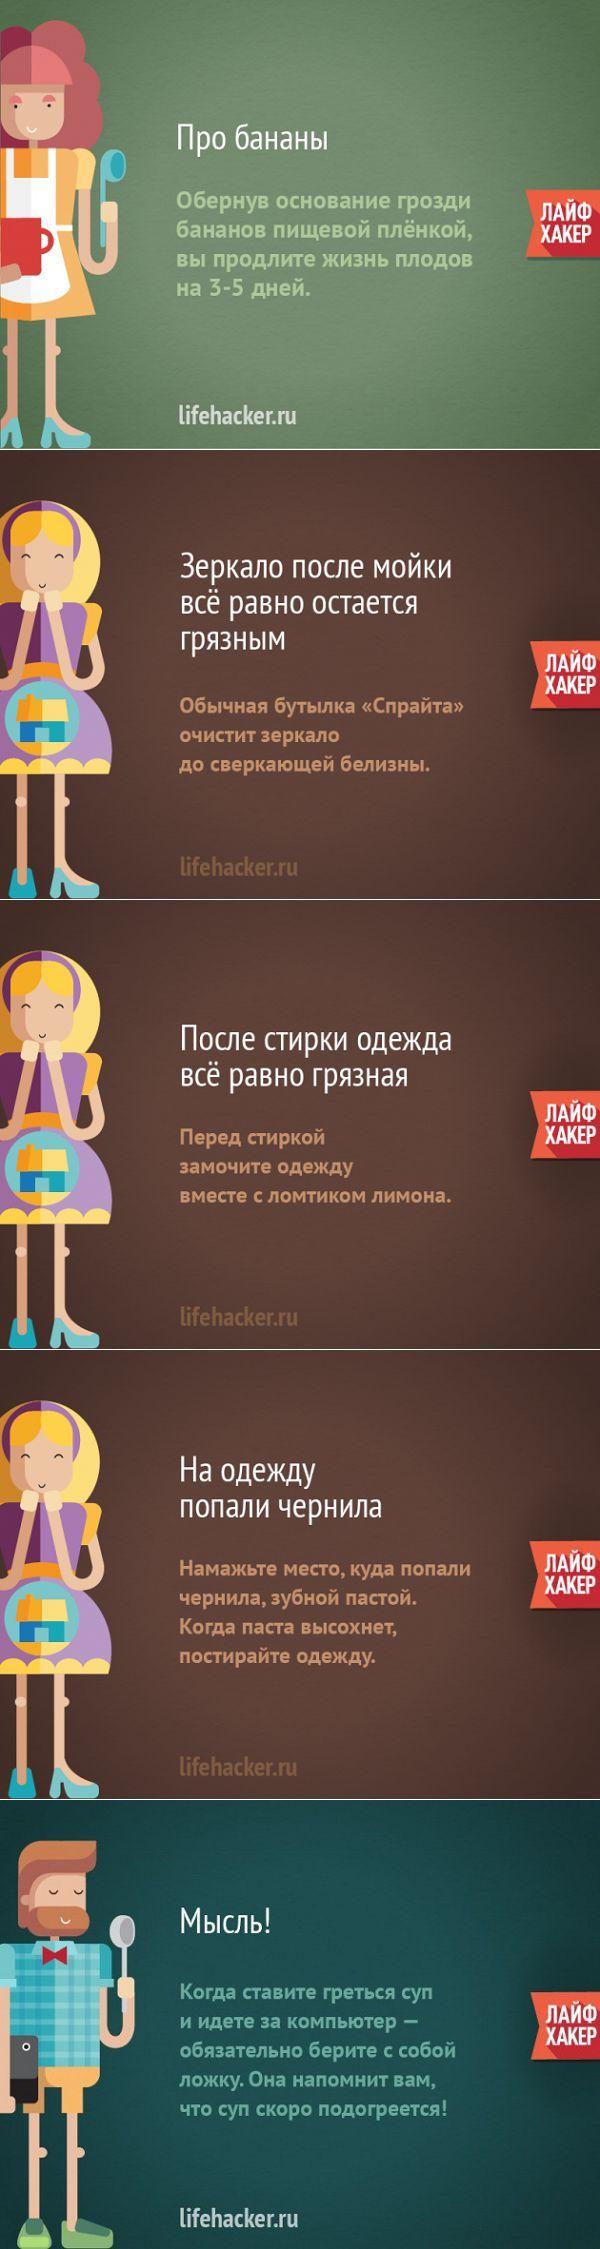 ПАМЯТКА. Полезные советы в картинках | Домохозяйки